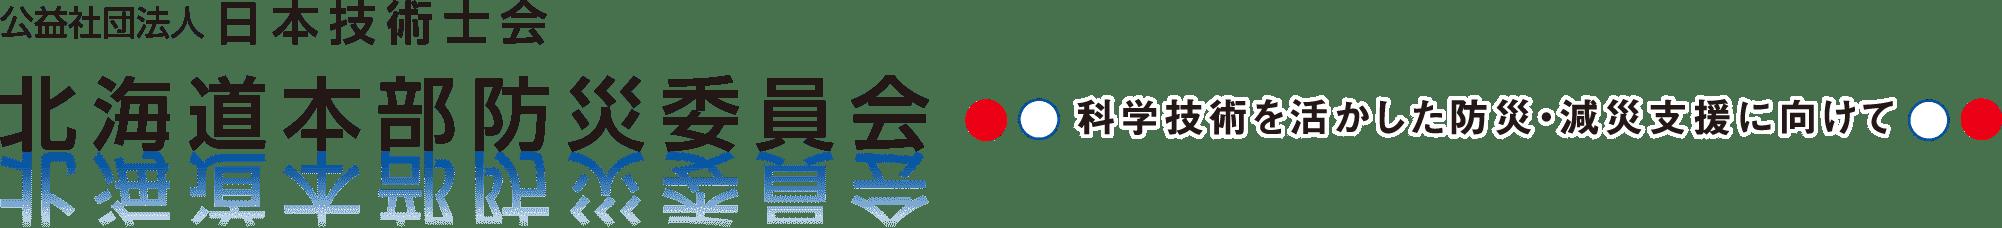 公益社団法人 日本技術士会 北海道本部防災委員会 科学技術を活かした防災・減災支援に向けて